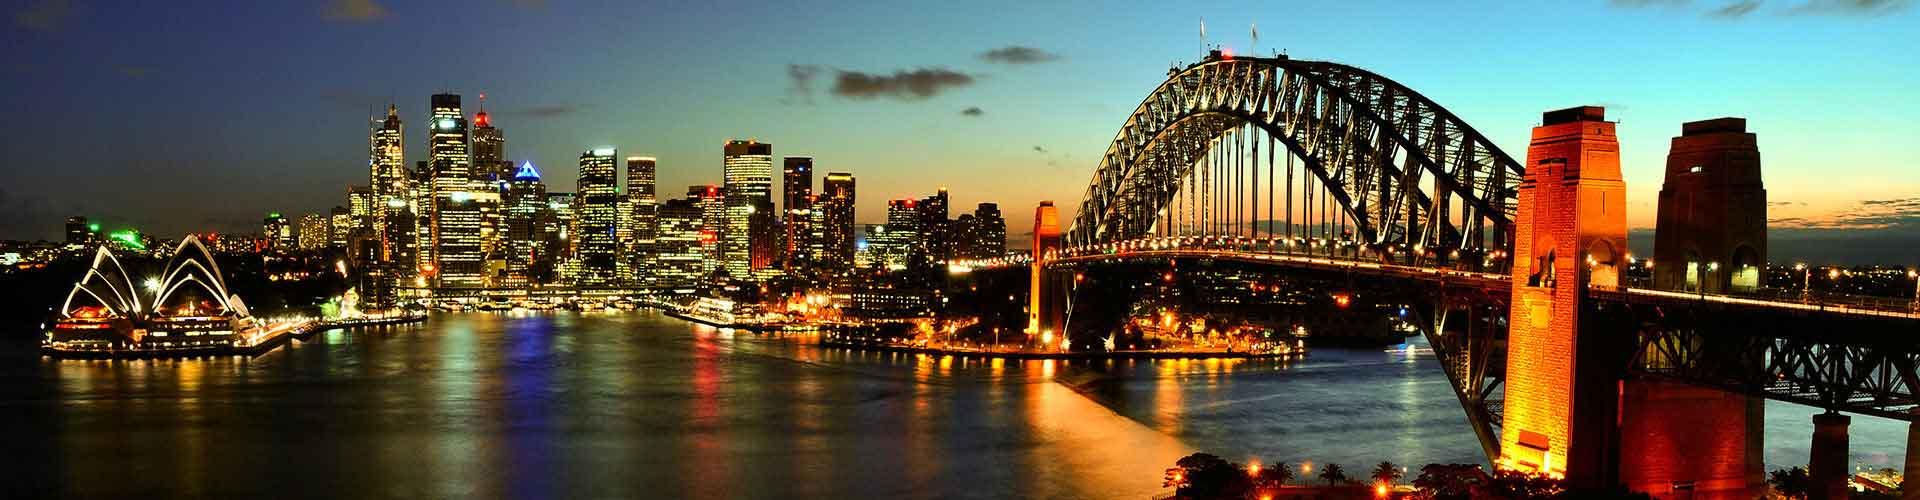 Sydney - Ifjúsági Szállások Redfern Estate városrészen. Sydney térképek, fotók, és ajánlások minden egyes Ifjúsági Szállásra: Sydney